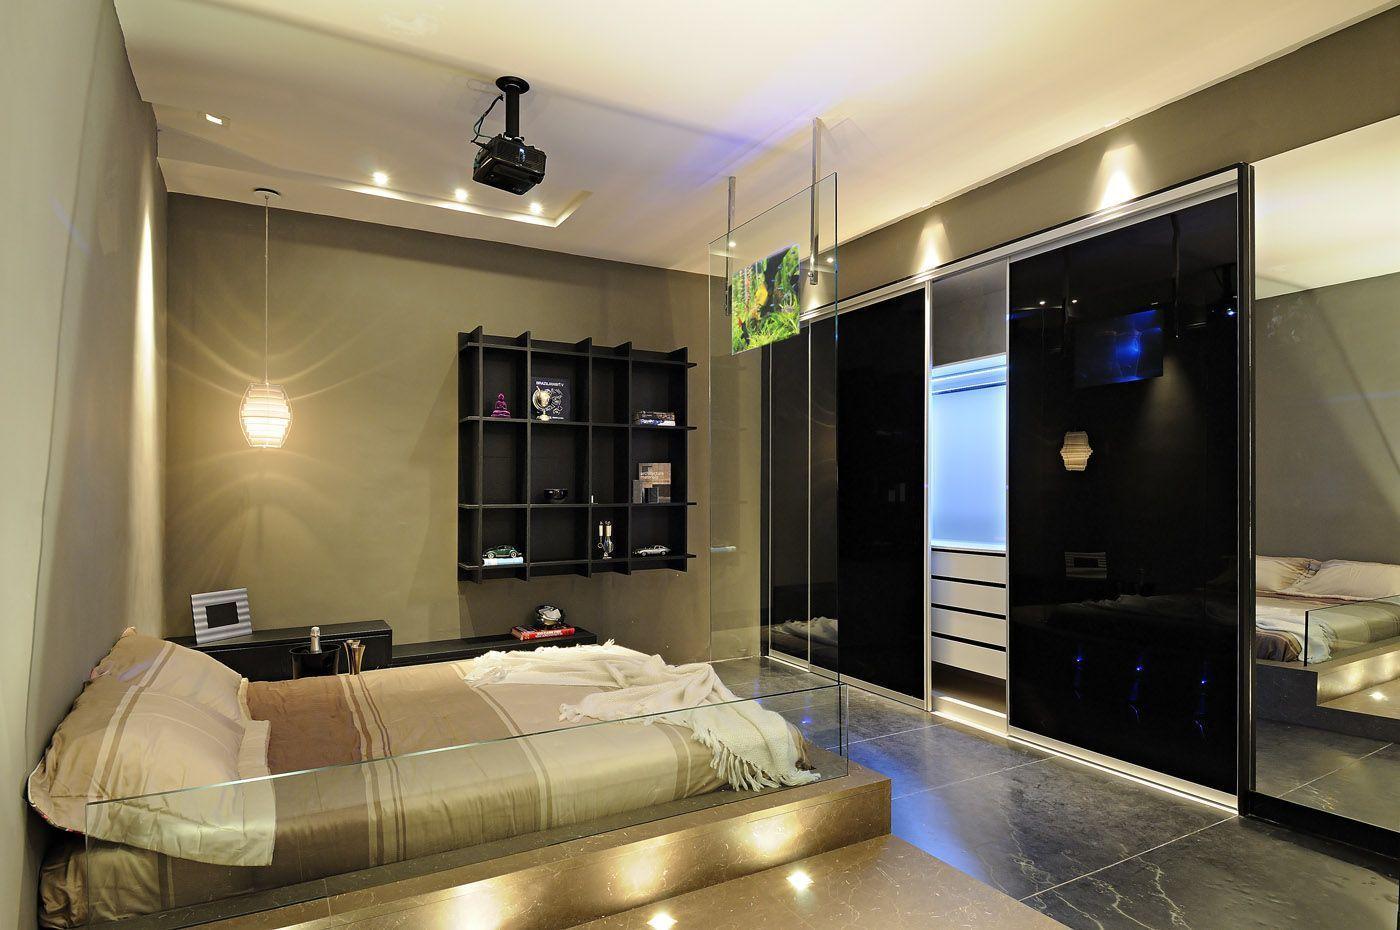 Quarto luxuoso com piso de mármore e acabamento de vidro.